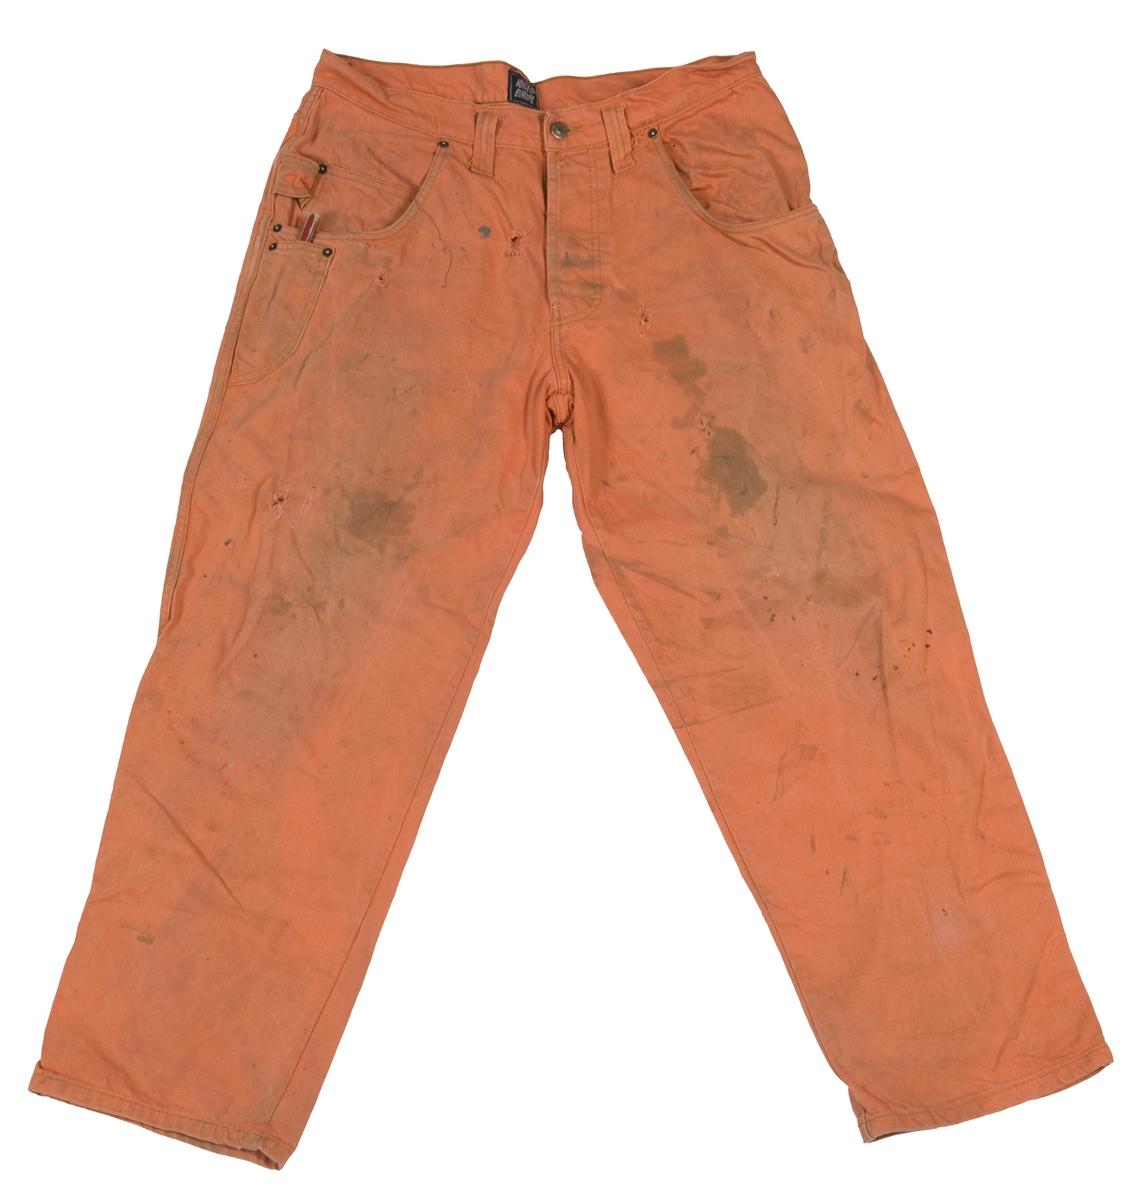 Ensfarget jeans med knapper i gylfen. Flekker og hull. Ekstra verktøylomme og hempe.